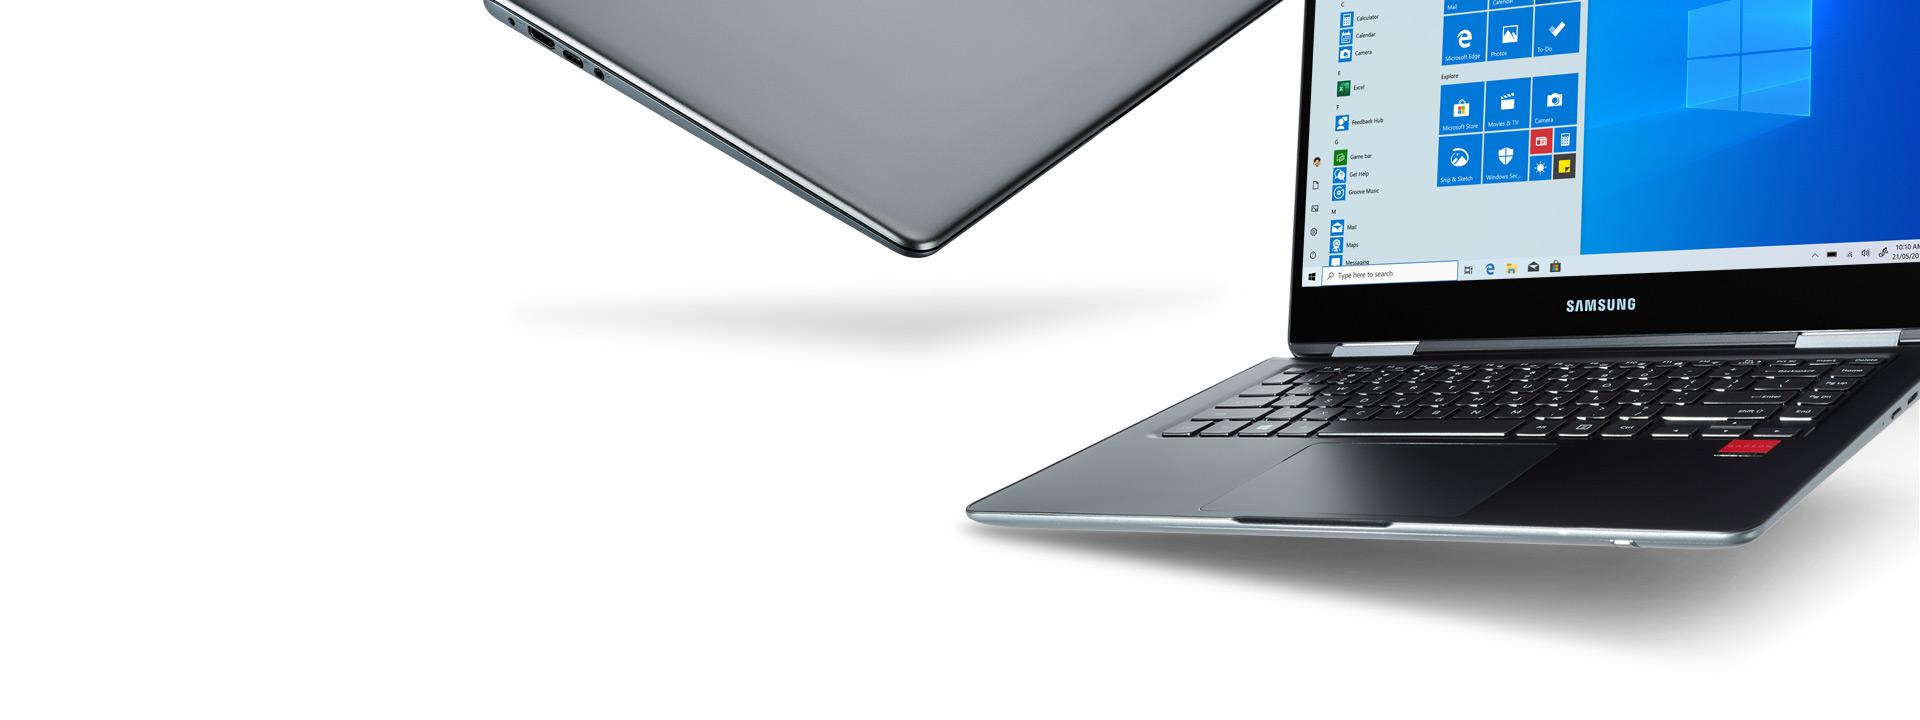 Két Windows 10-es számítógép egymás mellett. Az egyik teljesen le van csukva, a másikon pedig a Windows 10 kezdőképernyője látható